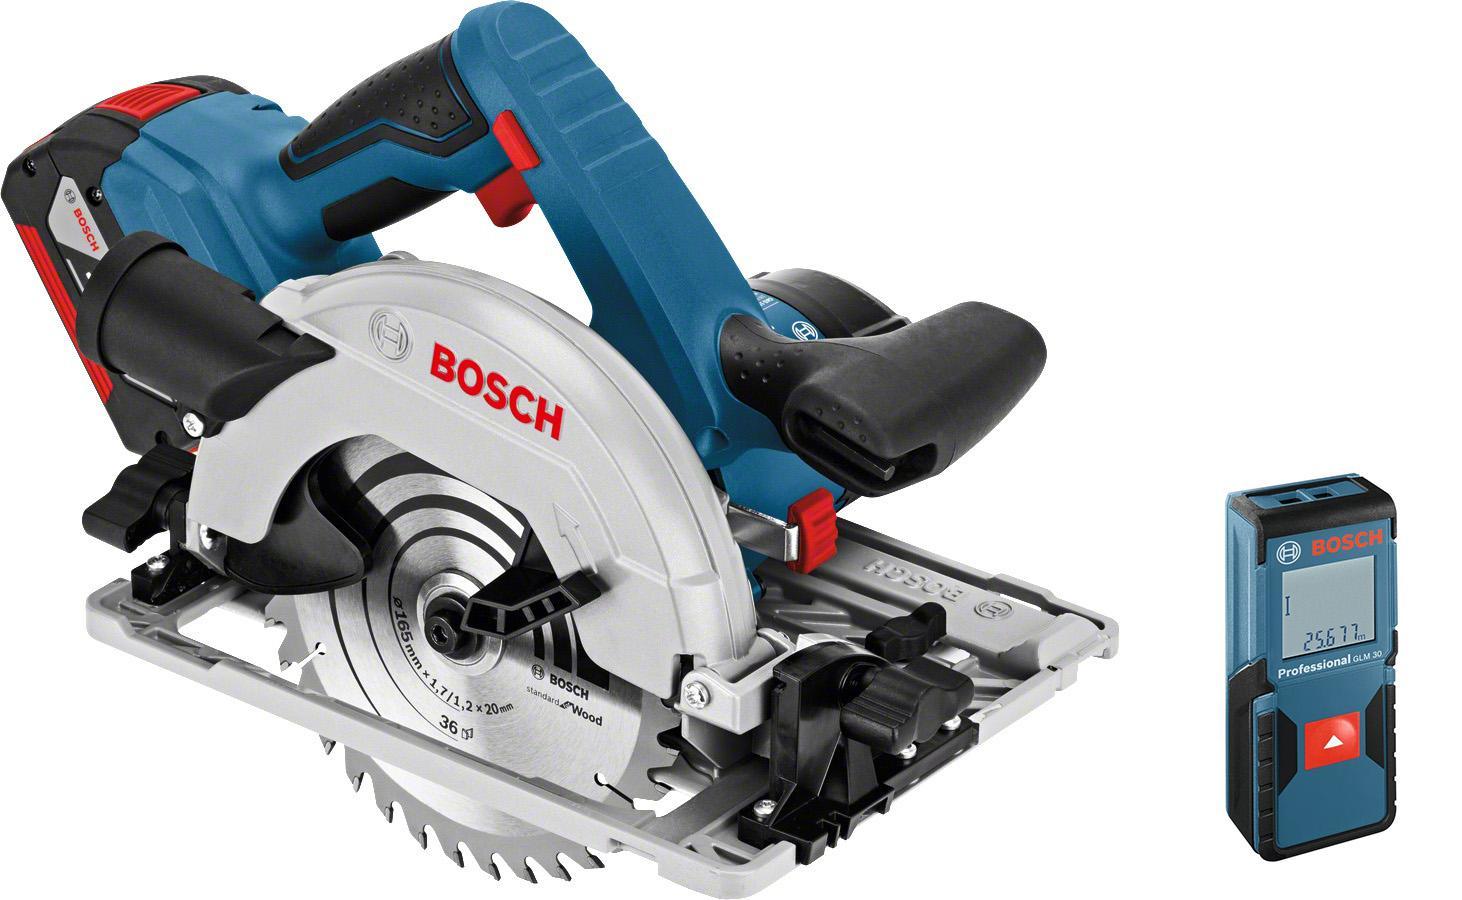 Набор Bosch Пила циркулярная gks 18v-57 (0.601.6a2.200) +Дальномер glm 30 (0.601.072.500)